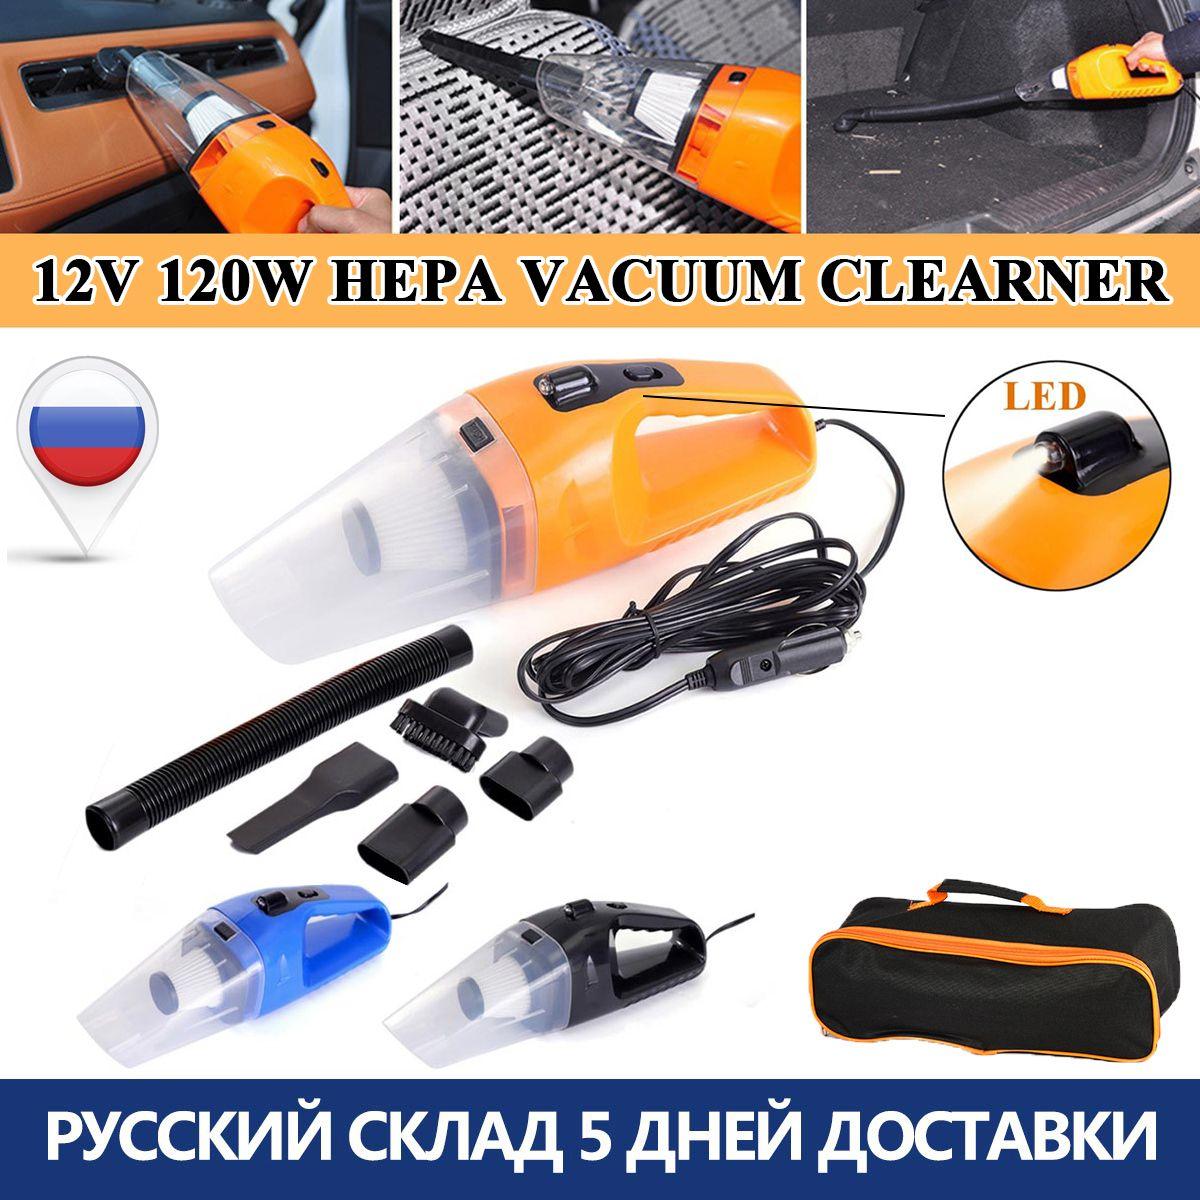 Stock russe 12 V 120 W Portable Portable aspirateur de voiture noir aspirateur DC nettoyeur humide sec double usage voiture aspirateur haute puissance